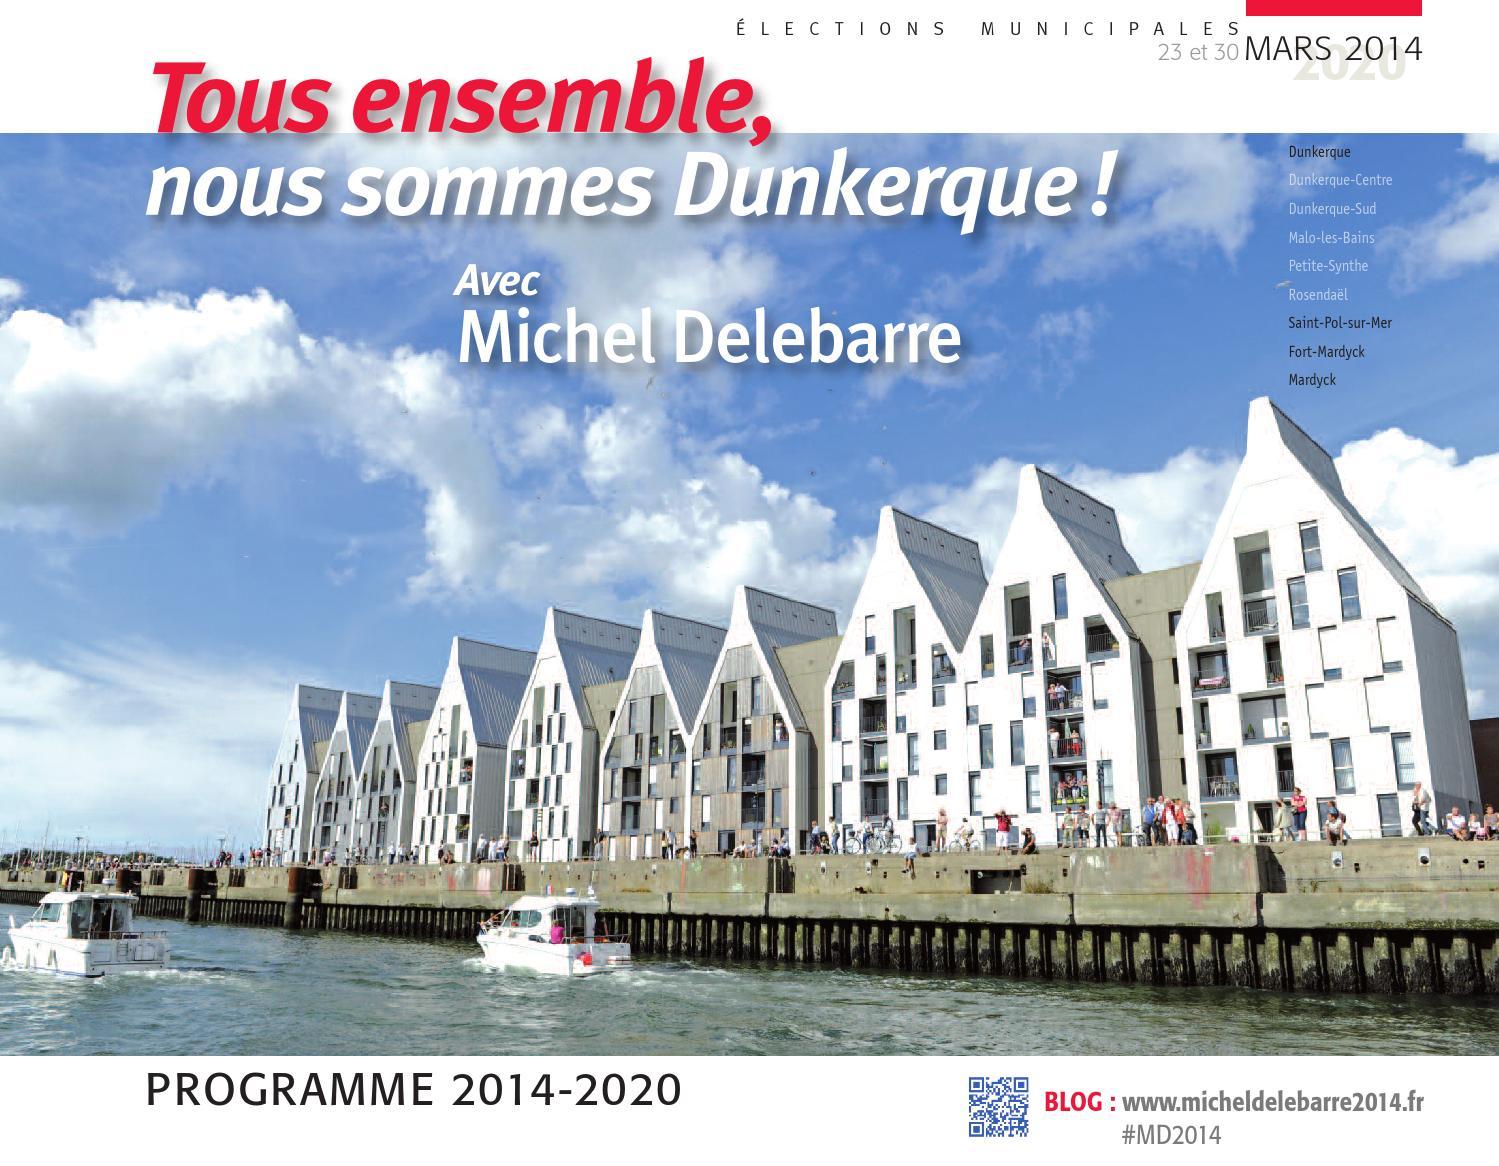 Programme 2014-2020 De Michel Delebarre By ... intérieur Piscine Mardyck